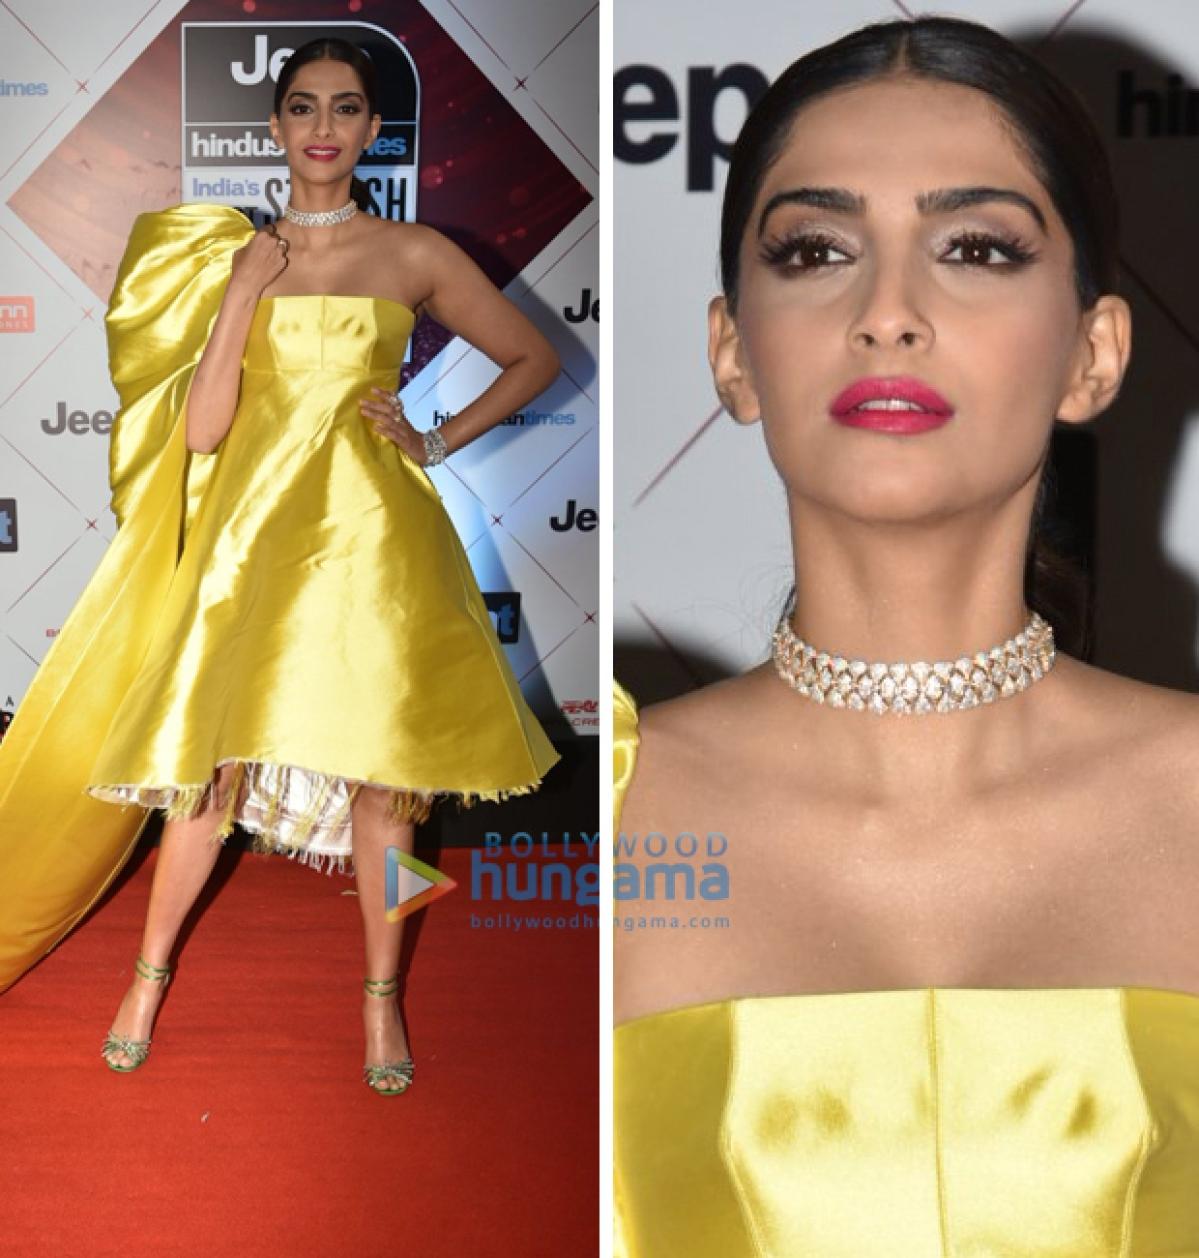 HT Most Stylish Awards 2018 Worst Dressed: Aishwarya Rai, Sonam Kapoor, Sridevi fail to evoke wow on the red carpet